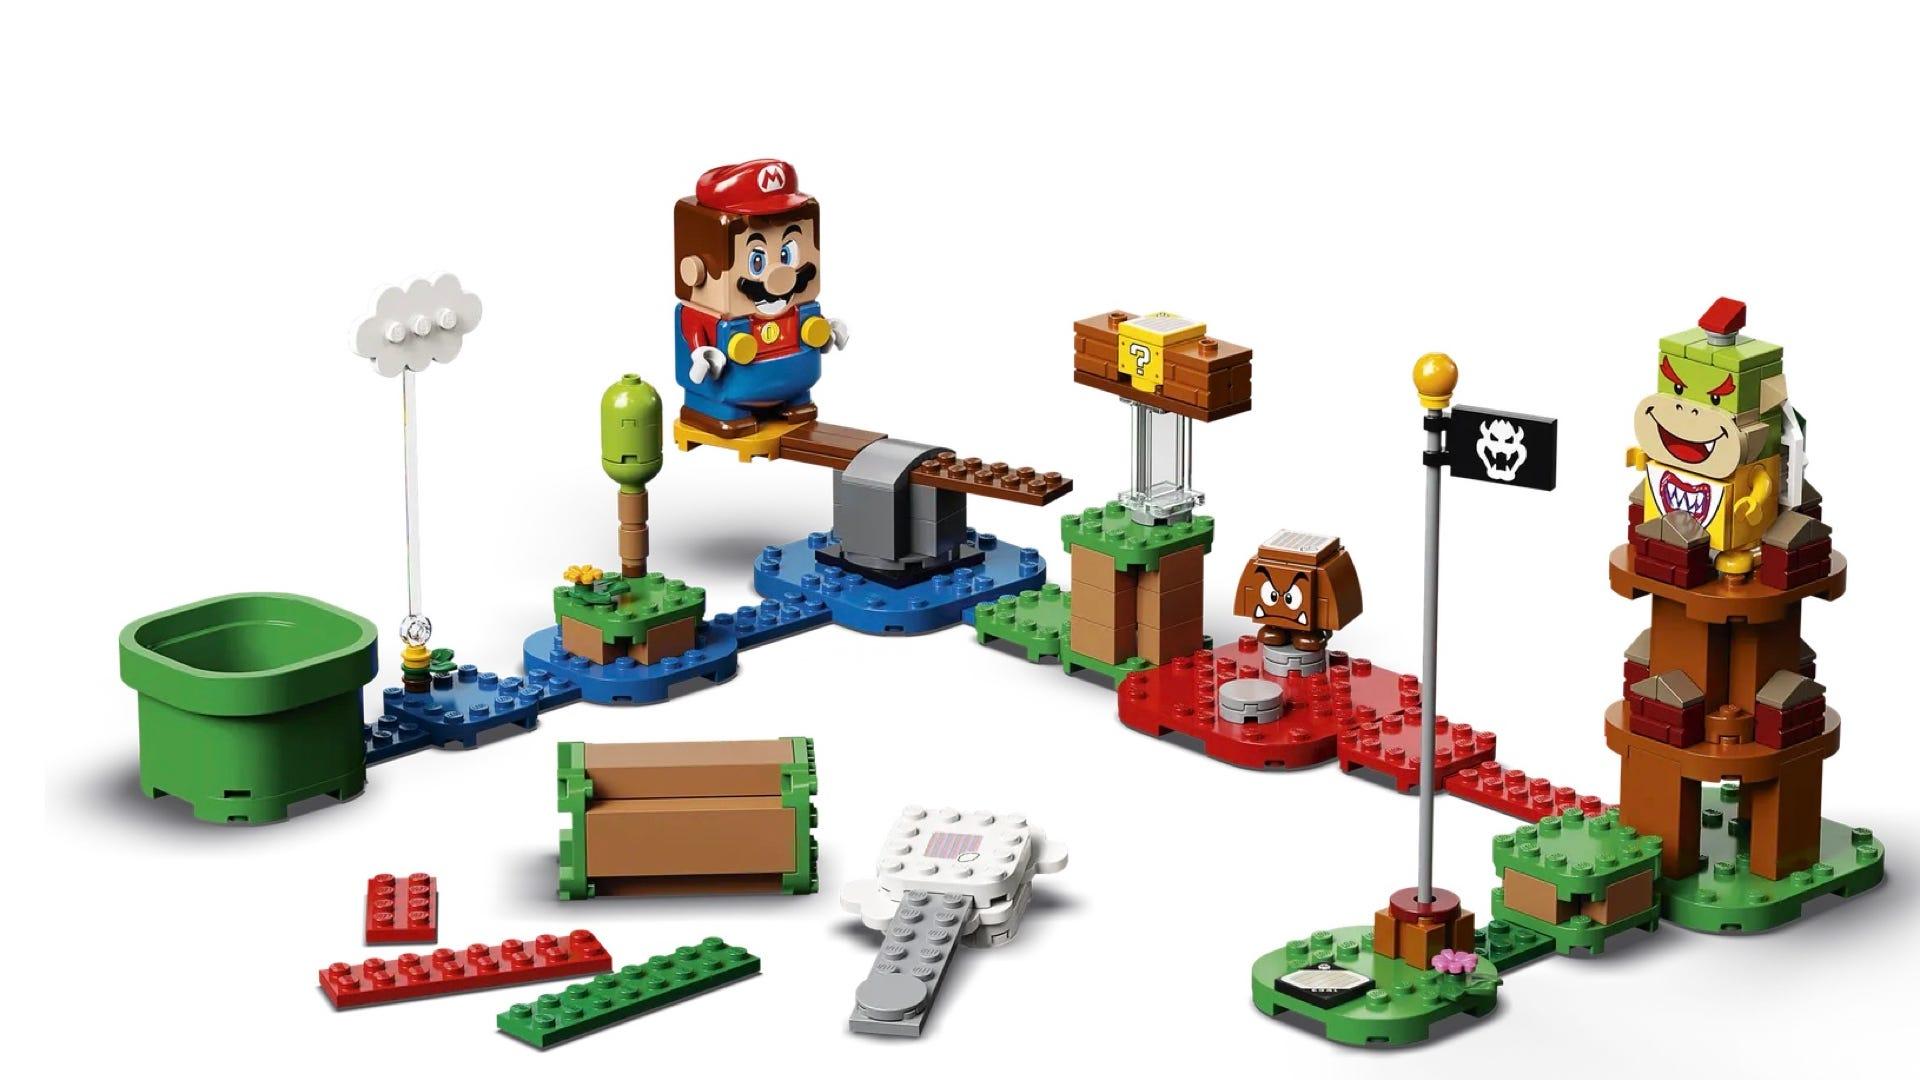 LEGO Mario Course